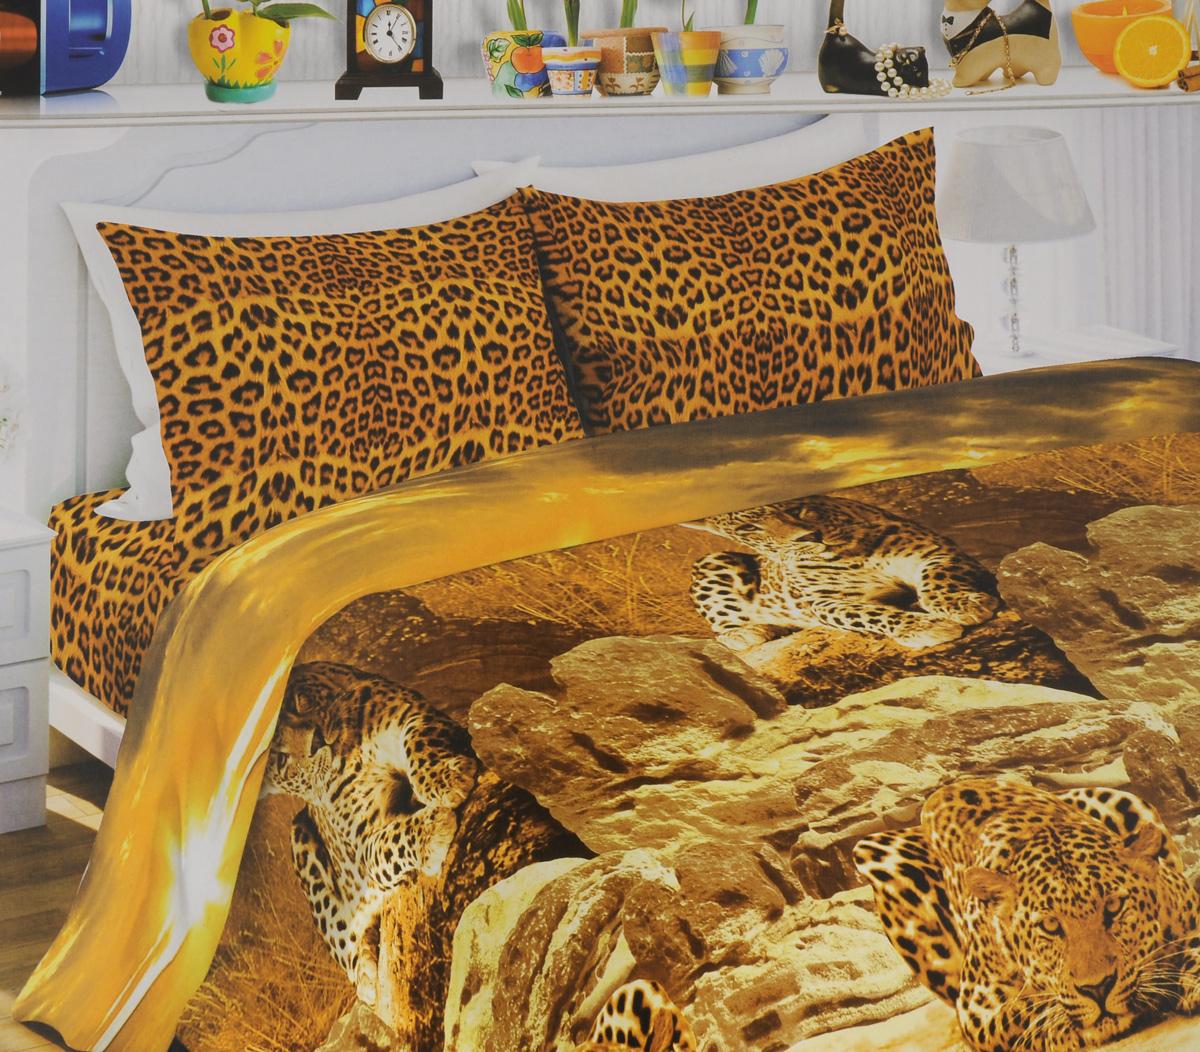 Комплект белья Любимый дом Африканский леопард, 1,5-спальный, наволочки 70х70, цвет: коричневый, оранжевый, бежевый333473Комплект постельного белья Любимый дом Африканский леопард состоит из пододеяльника, простыни и двух наволочек. Постельное белье оформлено оригинальным рисунком и имеет изысканный внешний вид. Белье изготовлено из новой ткани Биокомфорт, отвечающей всем необходимым нормативным стандартам. Биокомфорт - это тканьполотняного переплетения, из экологически чистого и натурального 100% хлопка. Неоспоримым плюсом белья из такой ткани является мягкостьи легкость, она прекрасно пропускает воздух, приятна на ощупь, не образует катышков на поверхности и за ней легко ухаживать. При соблюдениирекомендаций по уходу, это белье выдерживает много стирок, не линяети не теряет свою первоначальную прочность. Уникальная ткань обеспечивает легкую глажку.Приобретая комплект постельного белья Любимый дом Африканский леопард, вы можете быть уверены в том, что покупка доставит вам ивашим близким удовольствие и подарит максимальный комфорт.